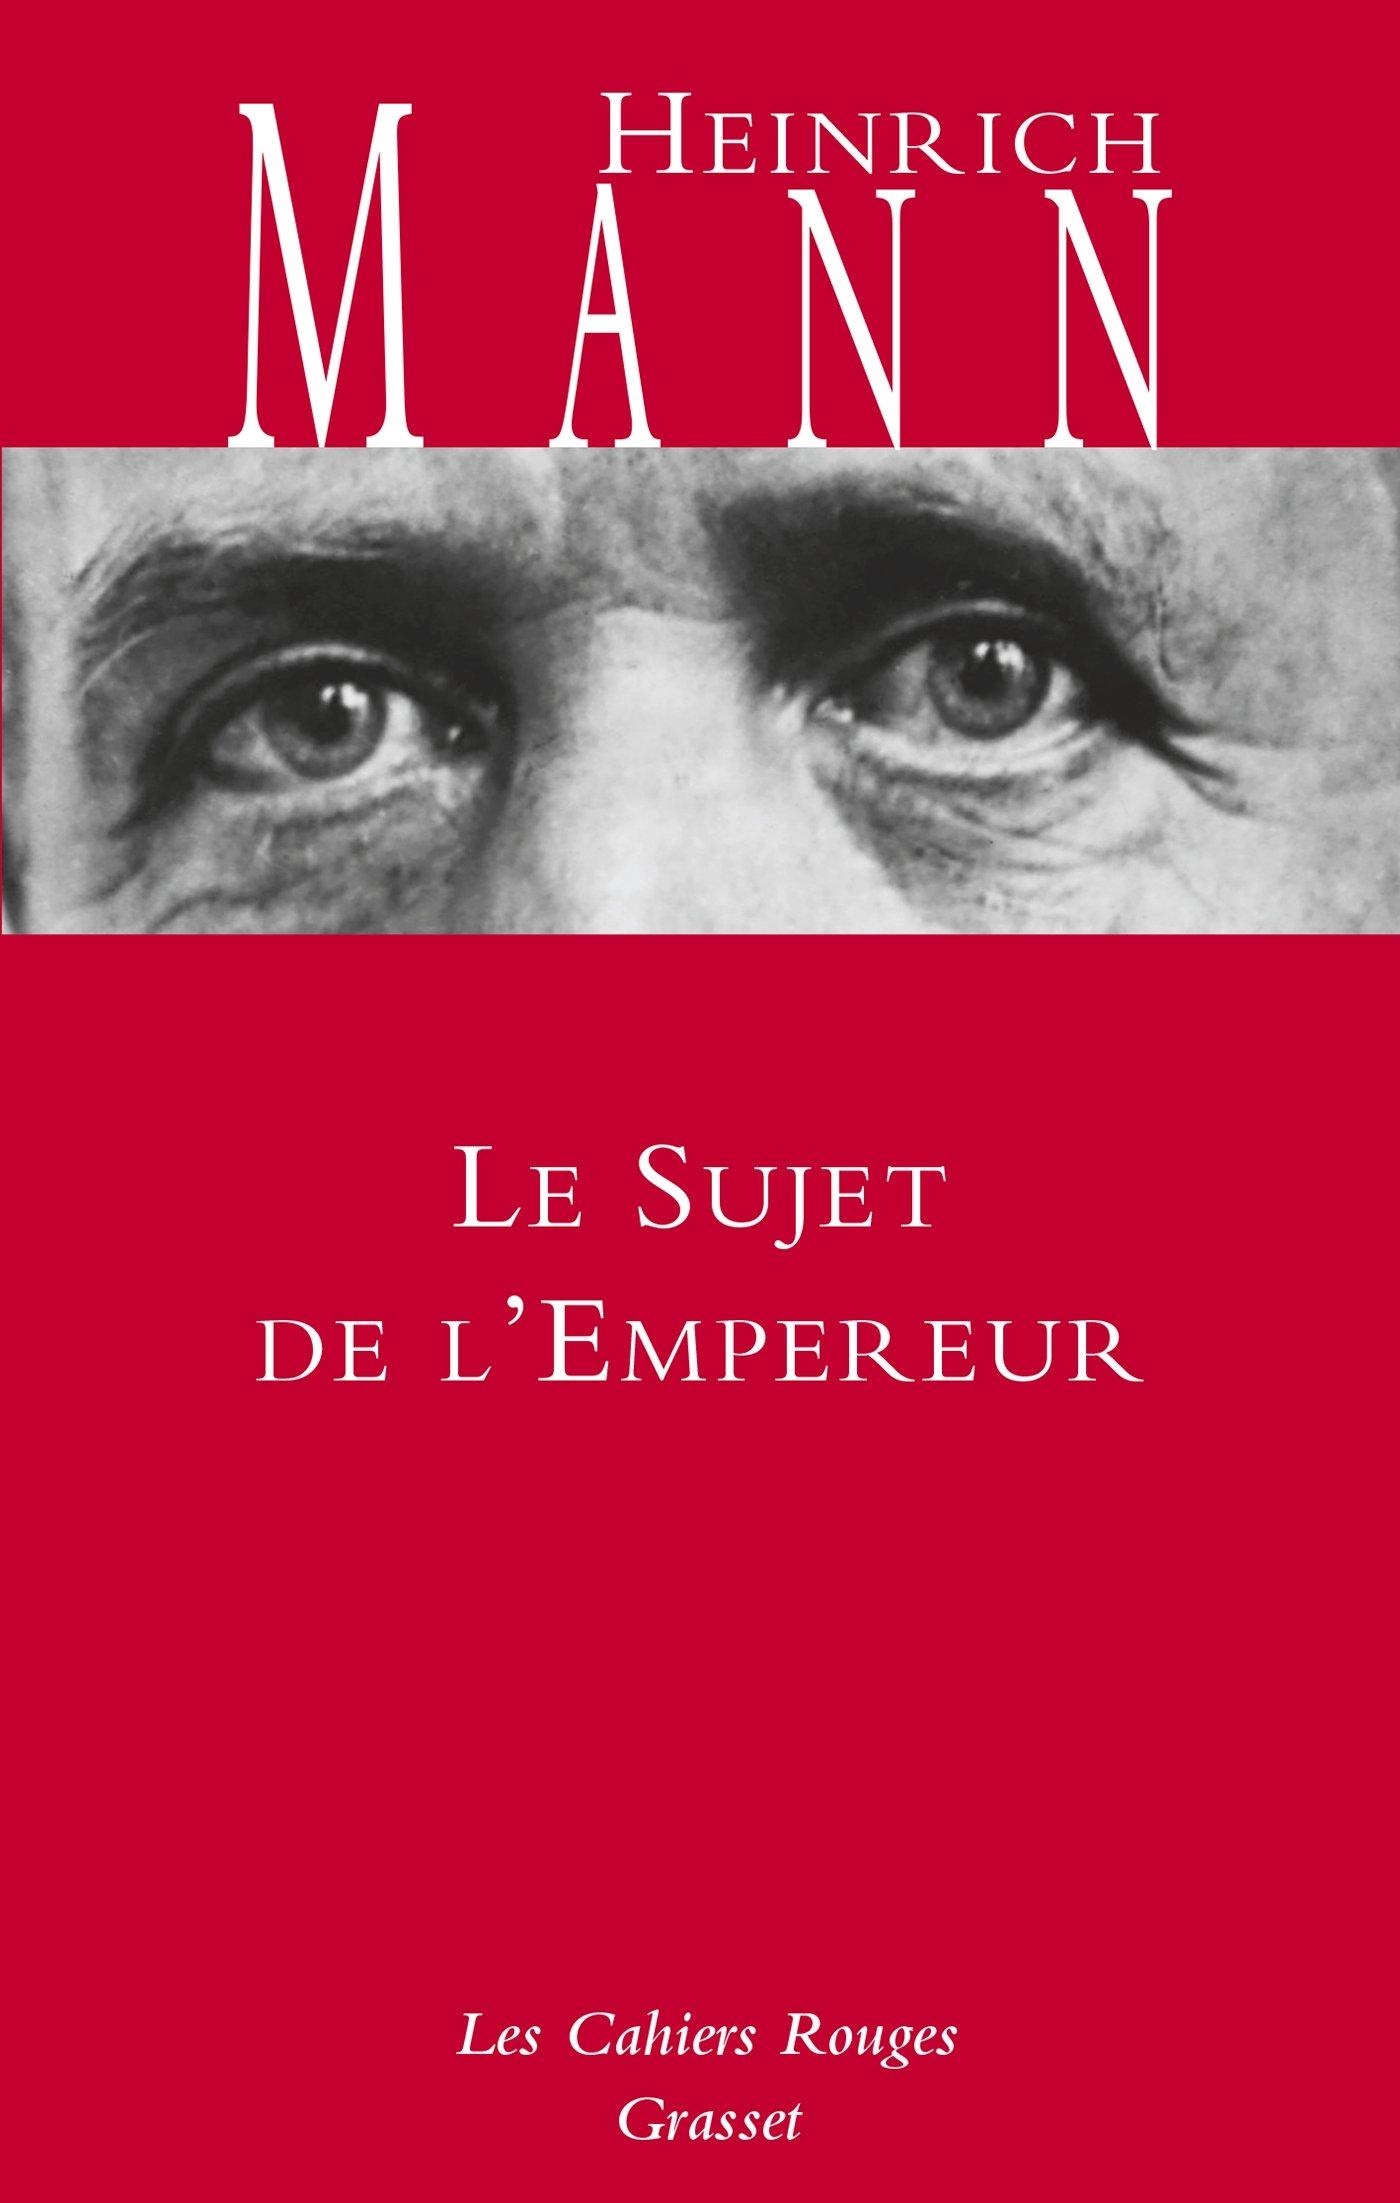 Le sujet de lempereur (French) Mass Market Paperback – February 5, 2014